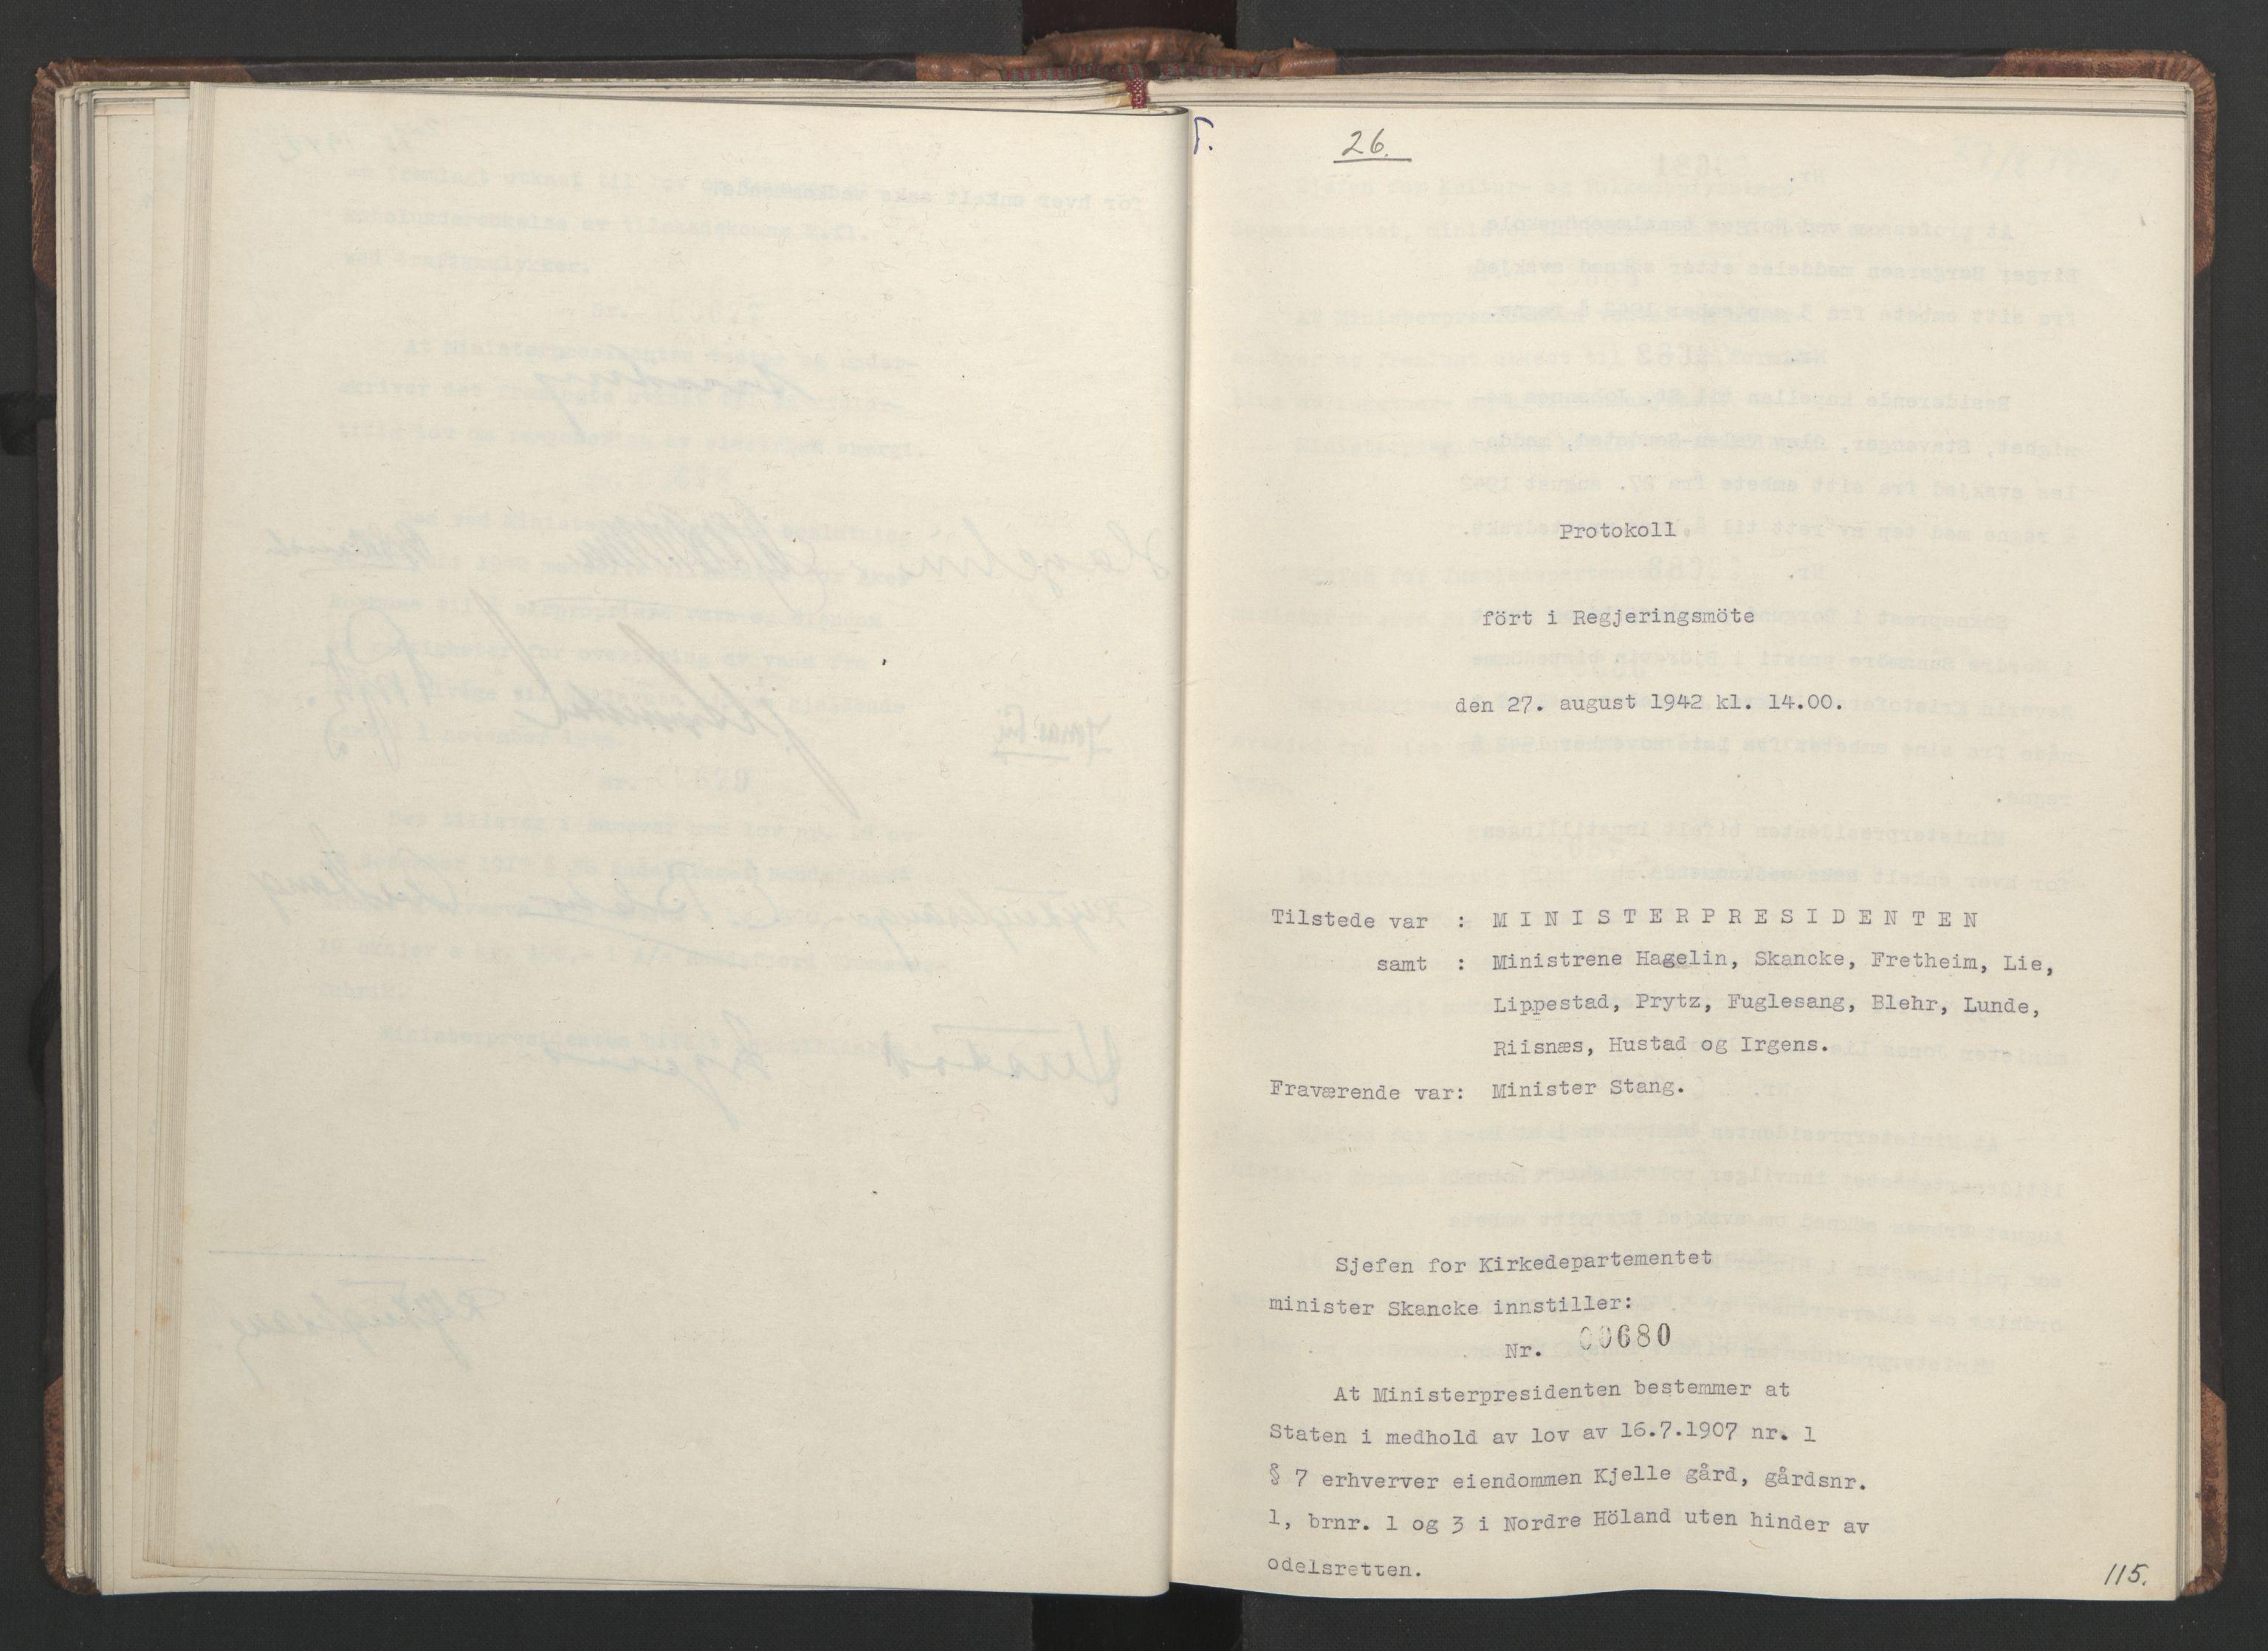 RA, NS-administrasjonen 1940-1945 (Statsrådsekretariatet, de kommisariske statsråder mm), D/Da/L0001: Beslutninger og tillegg (1-952 og 1-32), 1942, s. 114b-115a